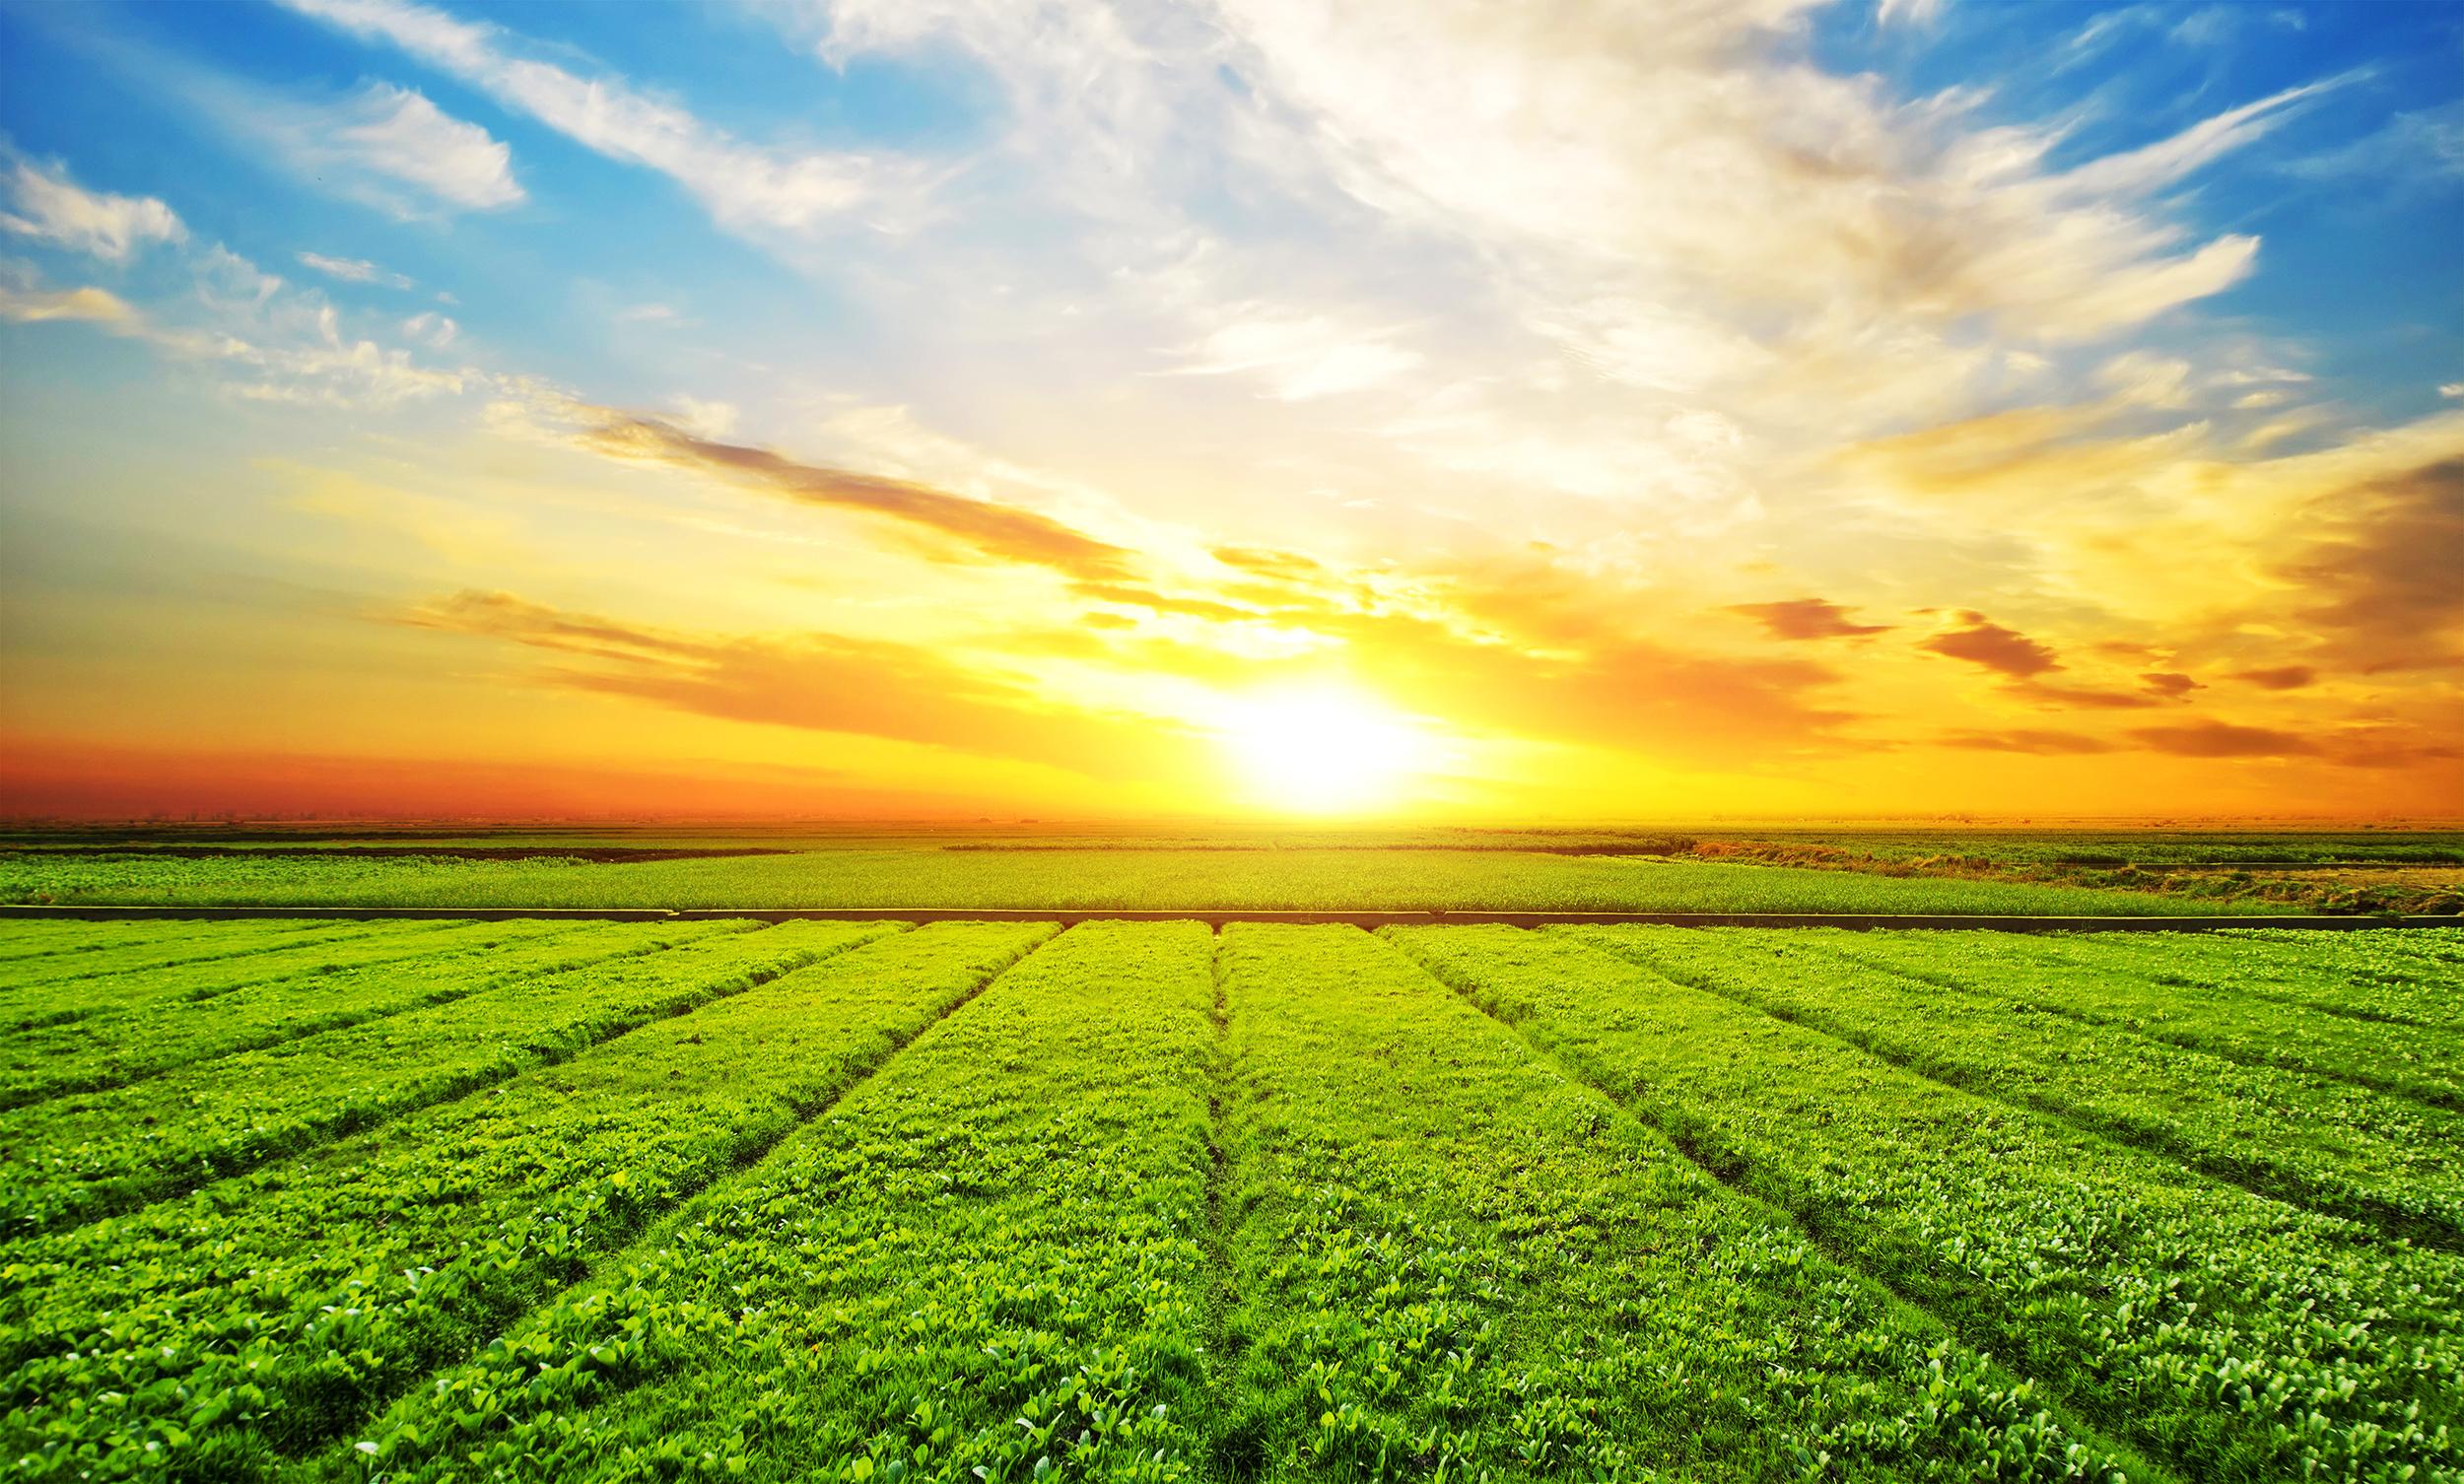 Prensa. De la tierra al consumidor. Auren anuncia la creación de una plataforma de servicios 360 en agribusiness